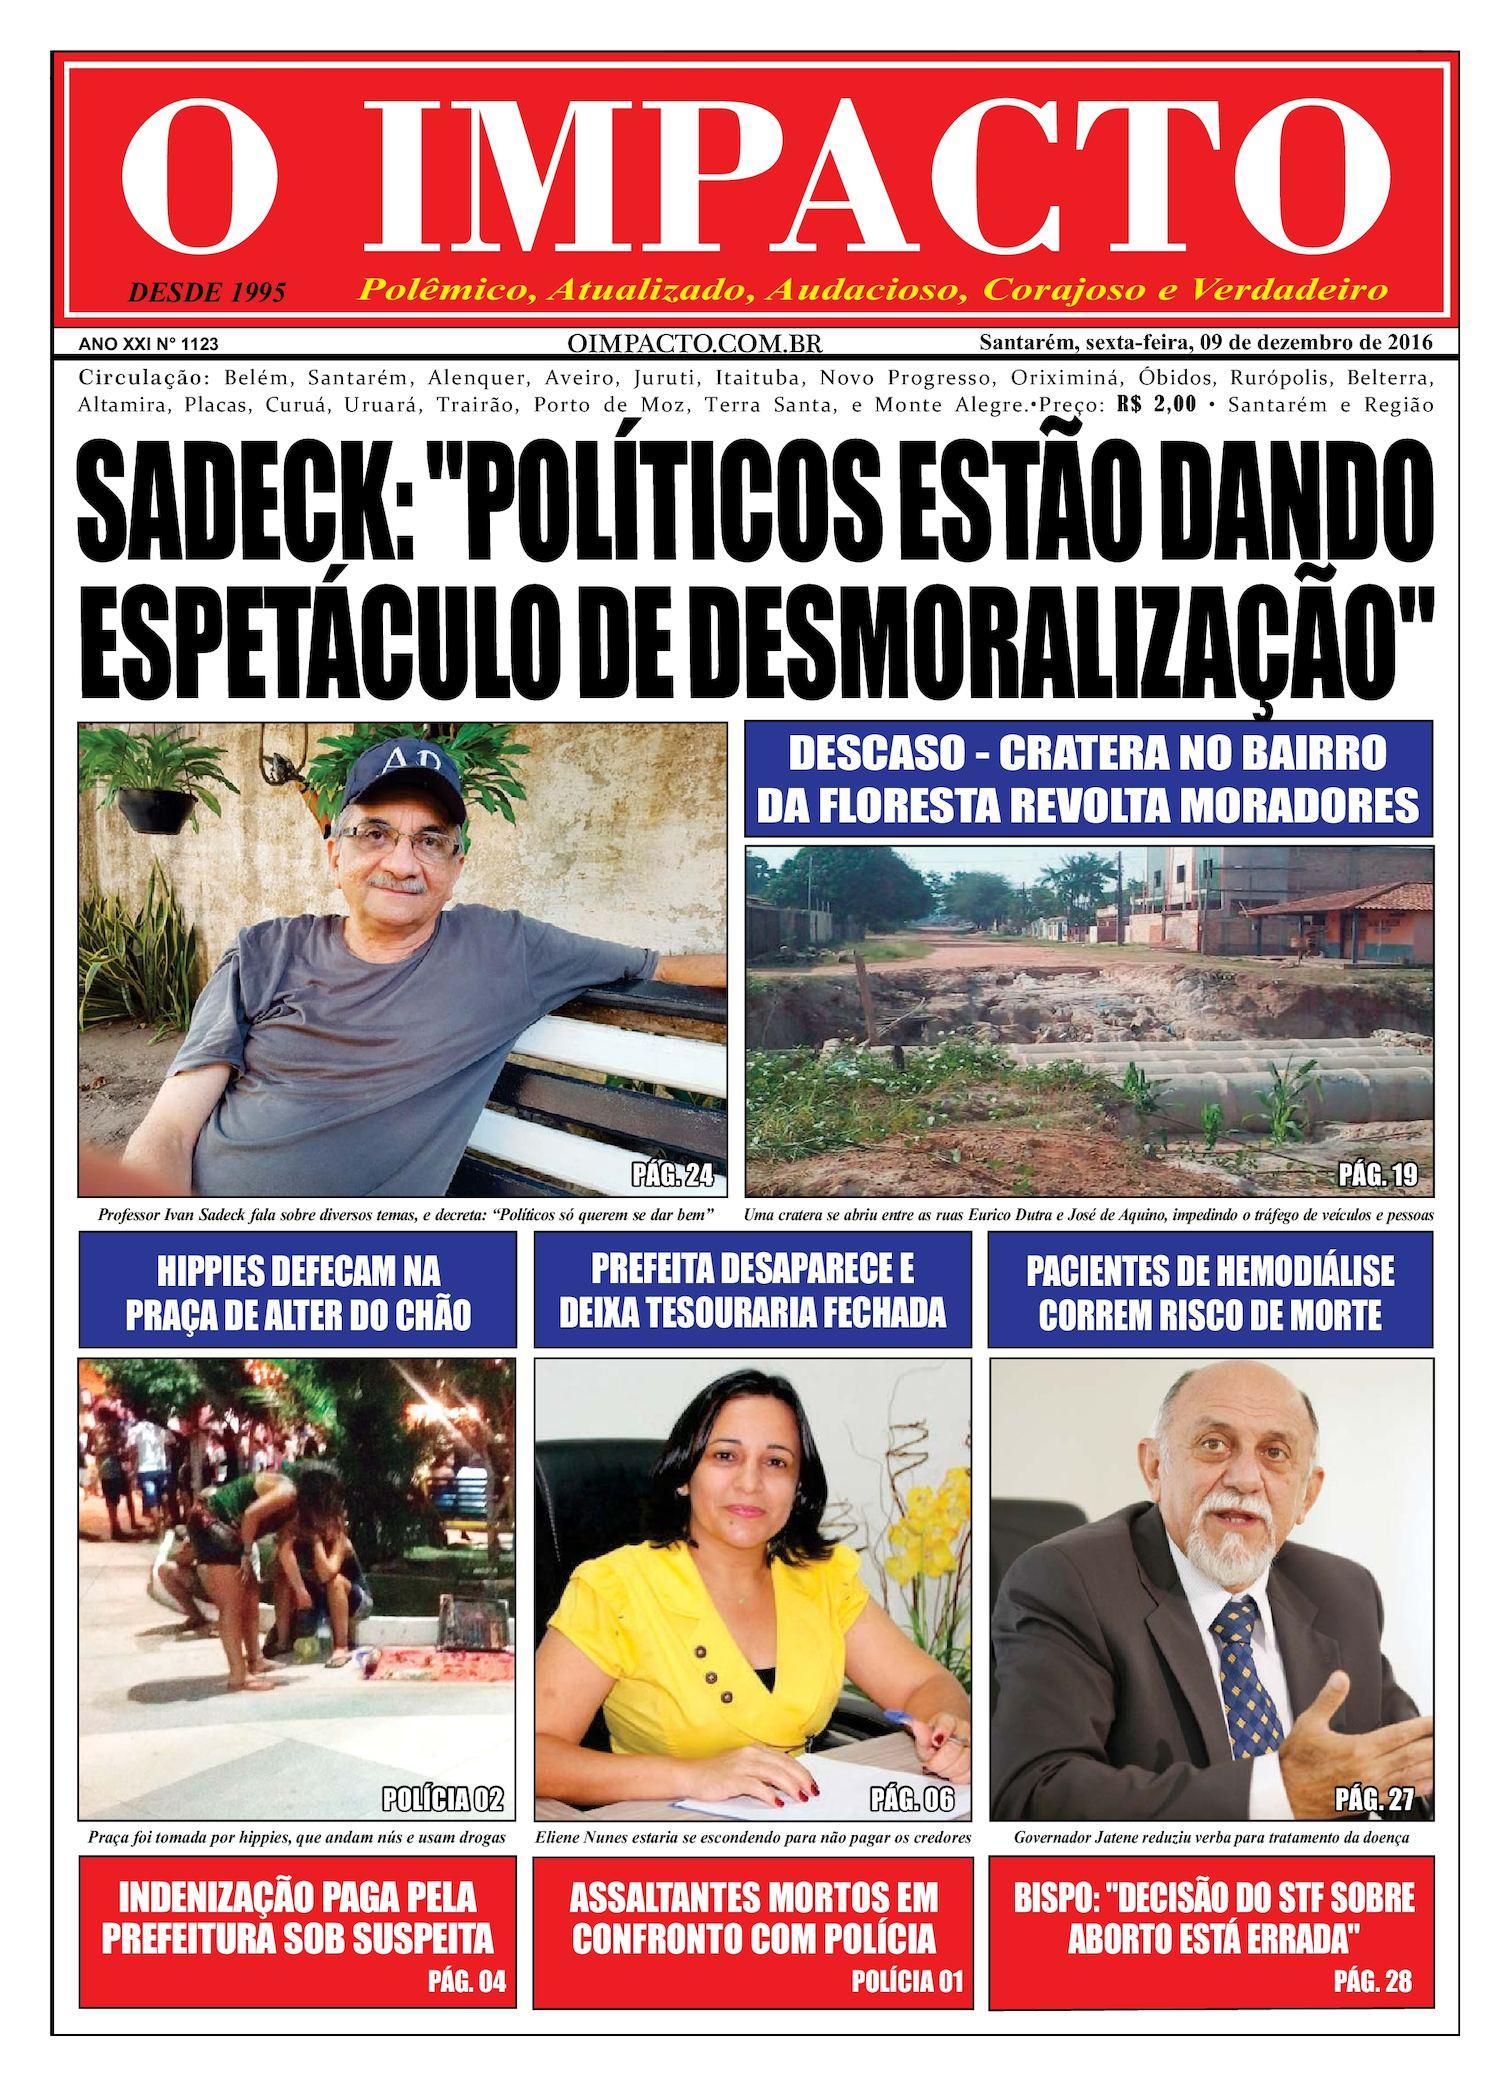 Calaméo - Jornal O Impacto Ed. 1123 76e096c20ed9e